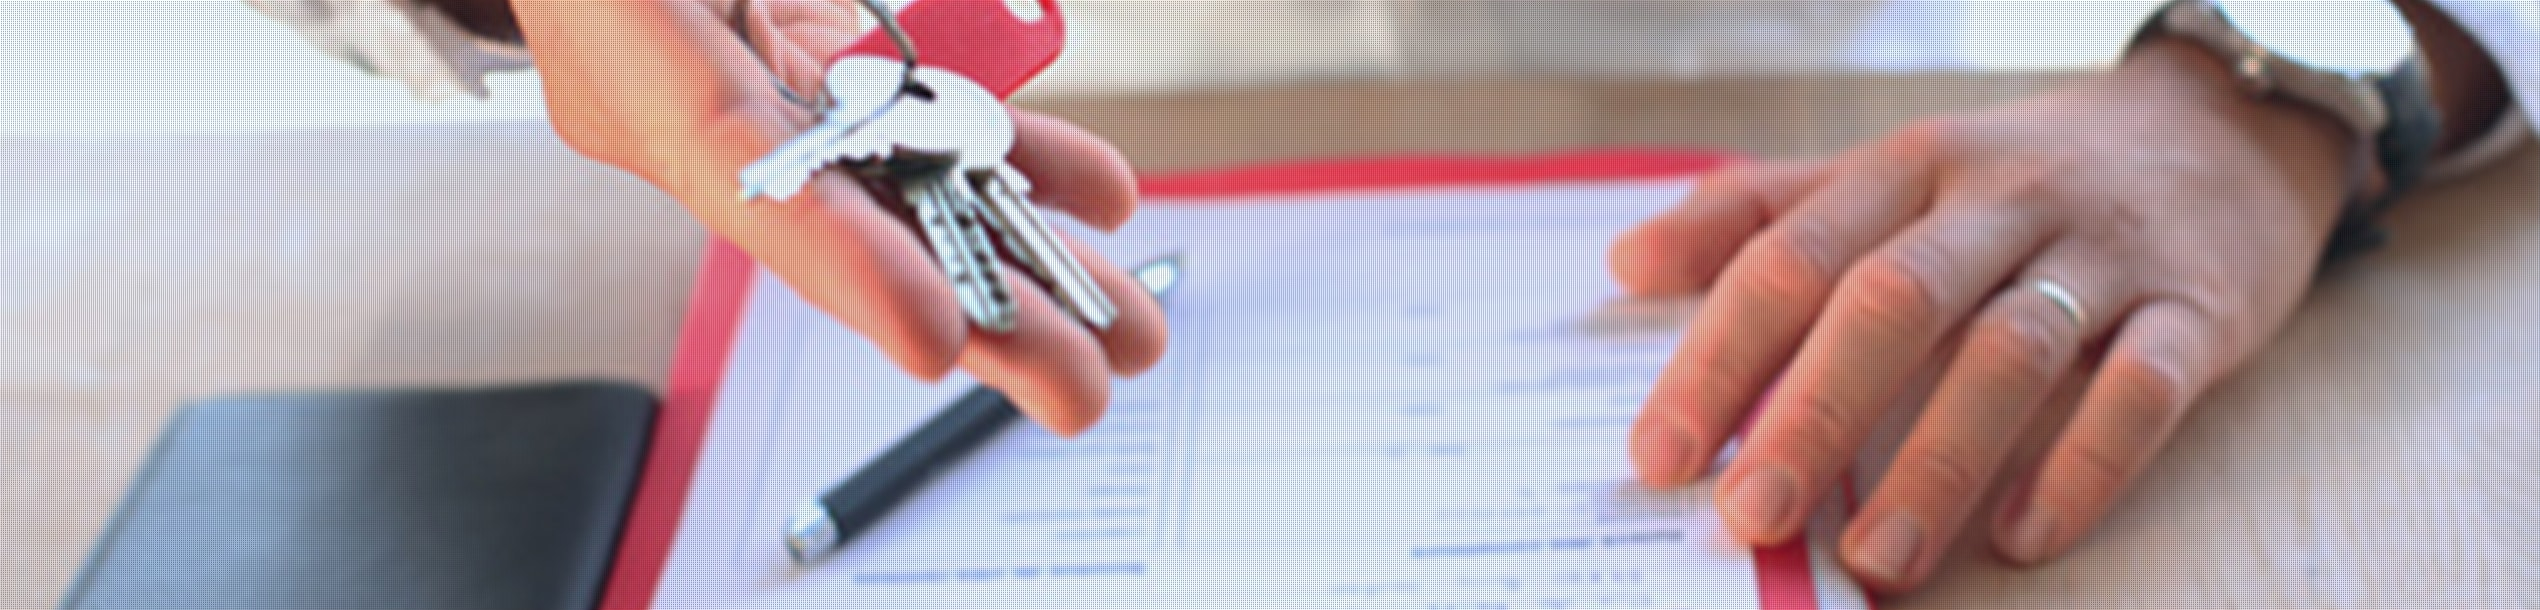 Prestataire des services immobilier - Bouvet Immobilier